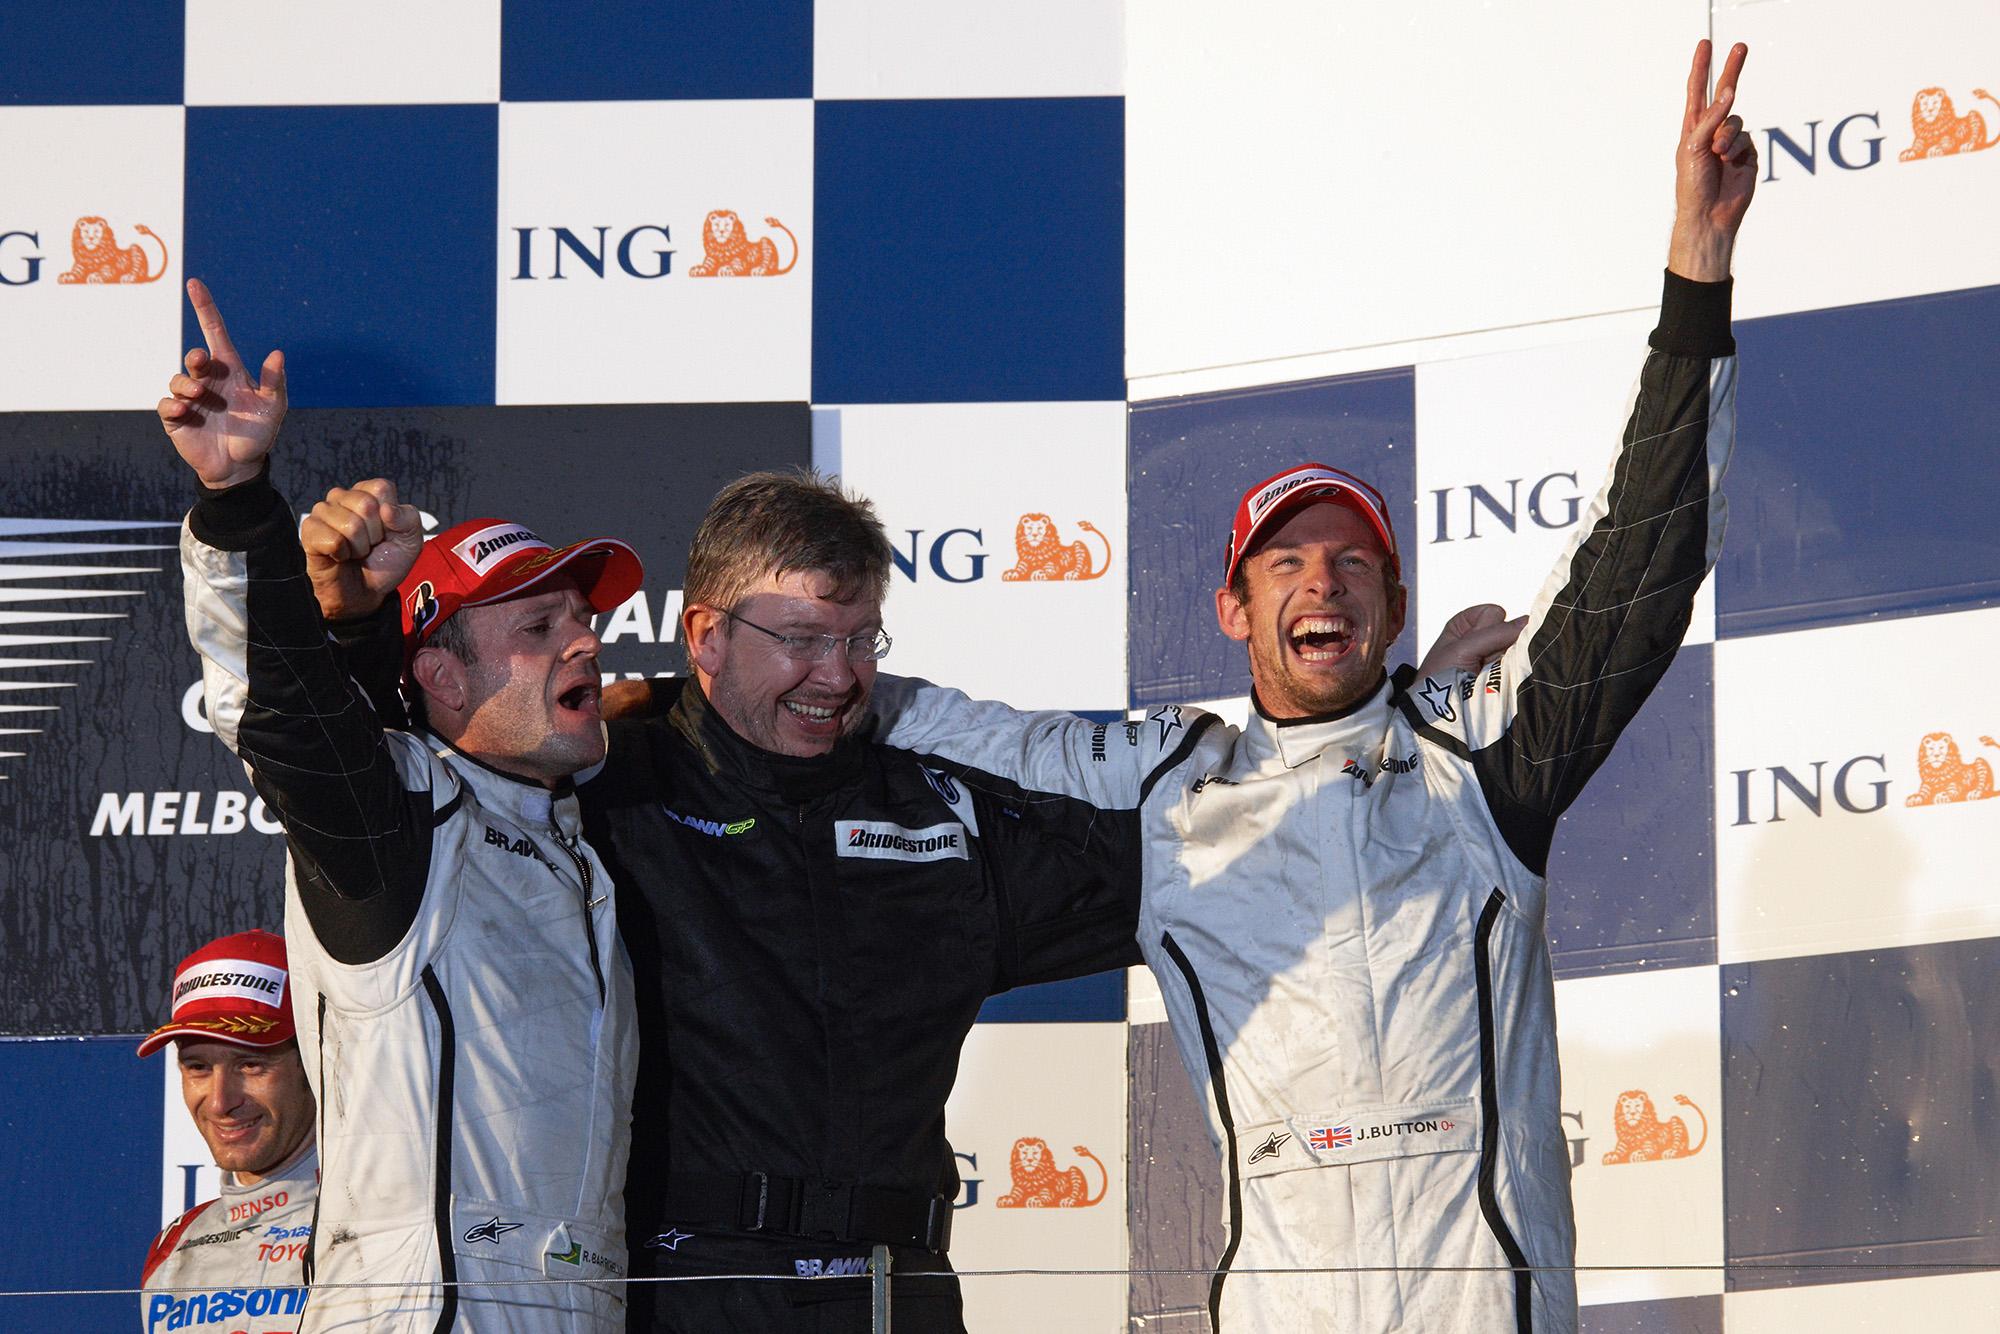 Rubens Barrichello, Ross BRawn and JEnson Button celebrate a 1-2 victory for Brawn GP in the 2009 Australian GP